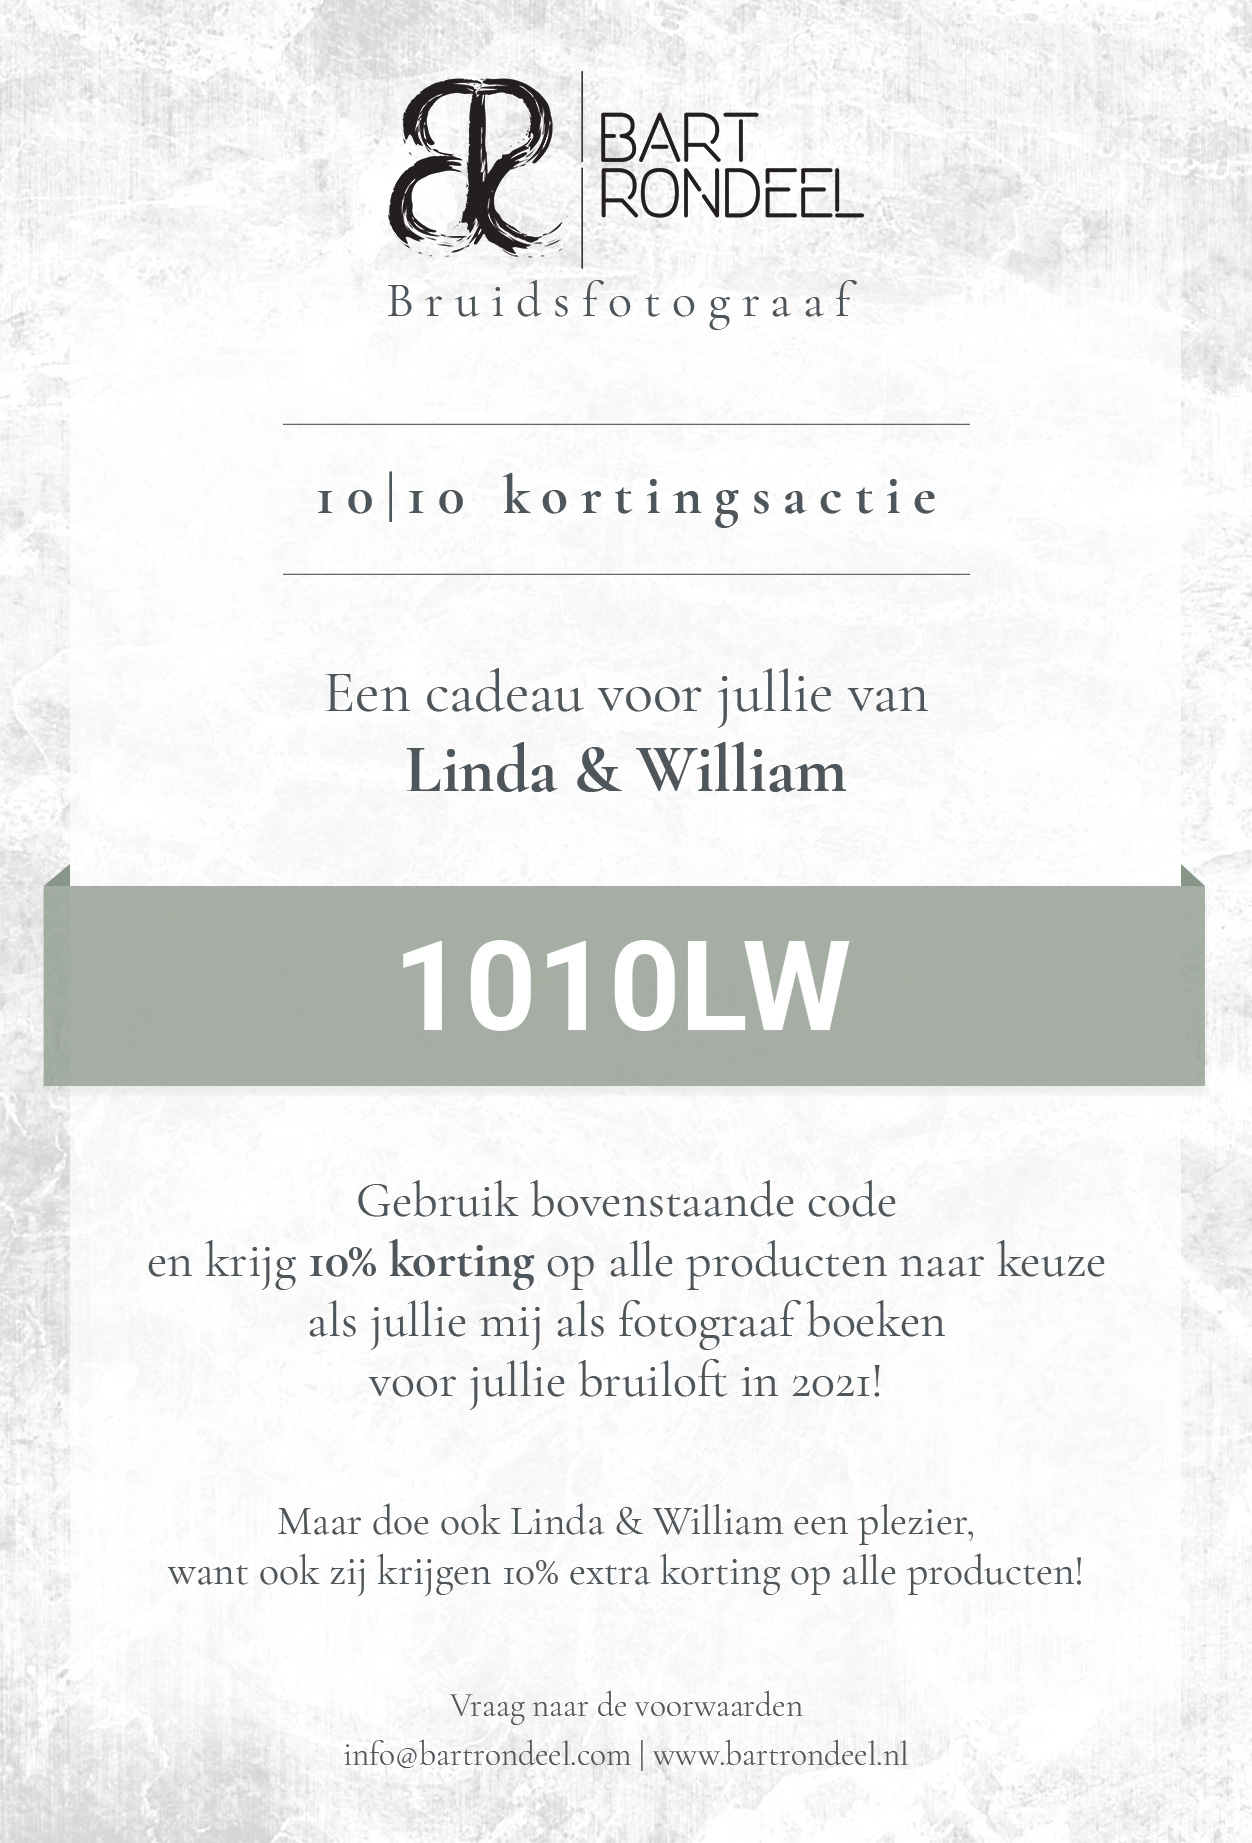 Flyer Bart Rondeel Photography 1010 Kortingsactie